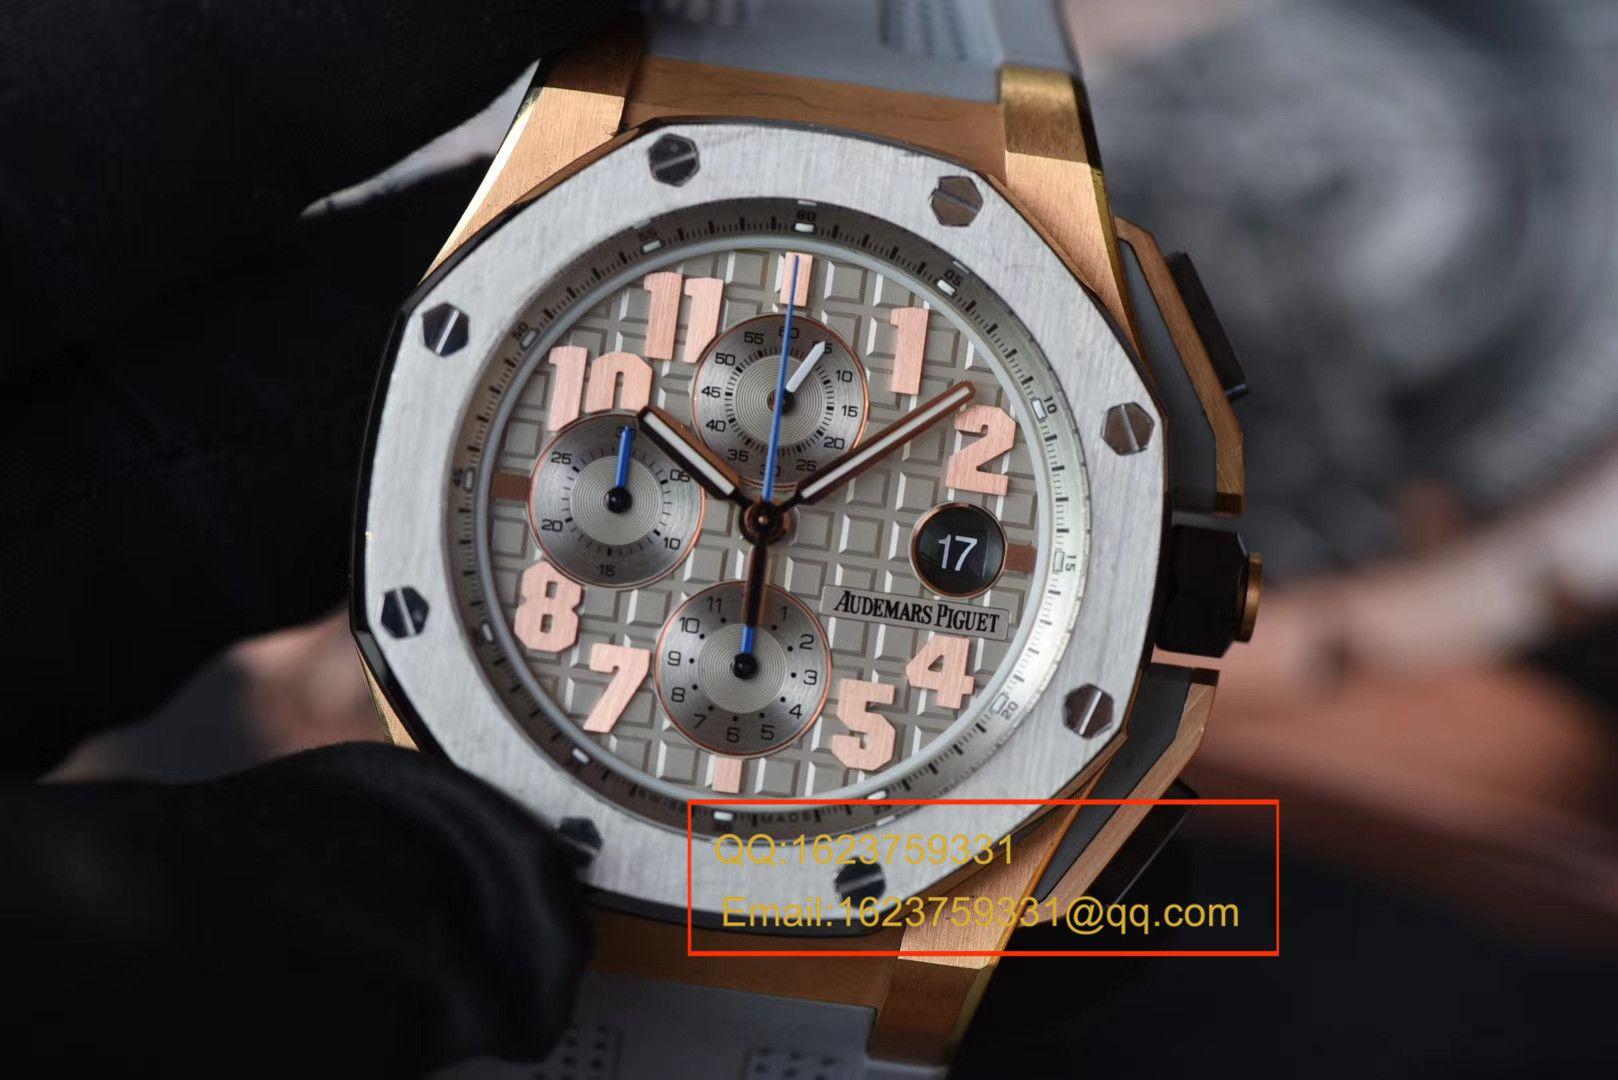 【视频评测JF厂一比一精仿手表】爱彼AP皇家橡树离岸型詹姆斯签名特别版26210OI.OO.A109CR.01腕表 / APDB043